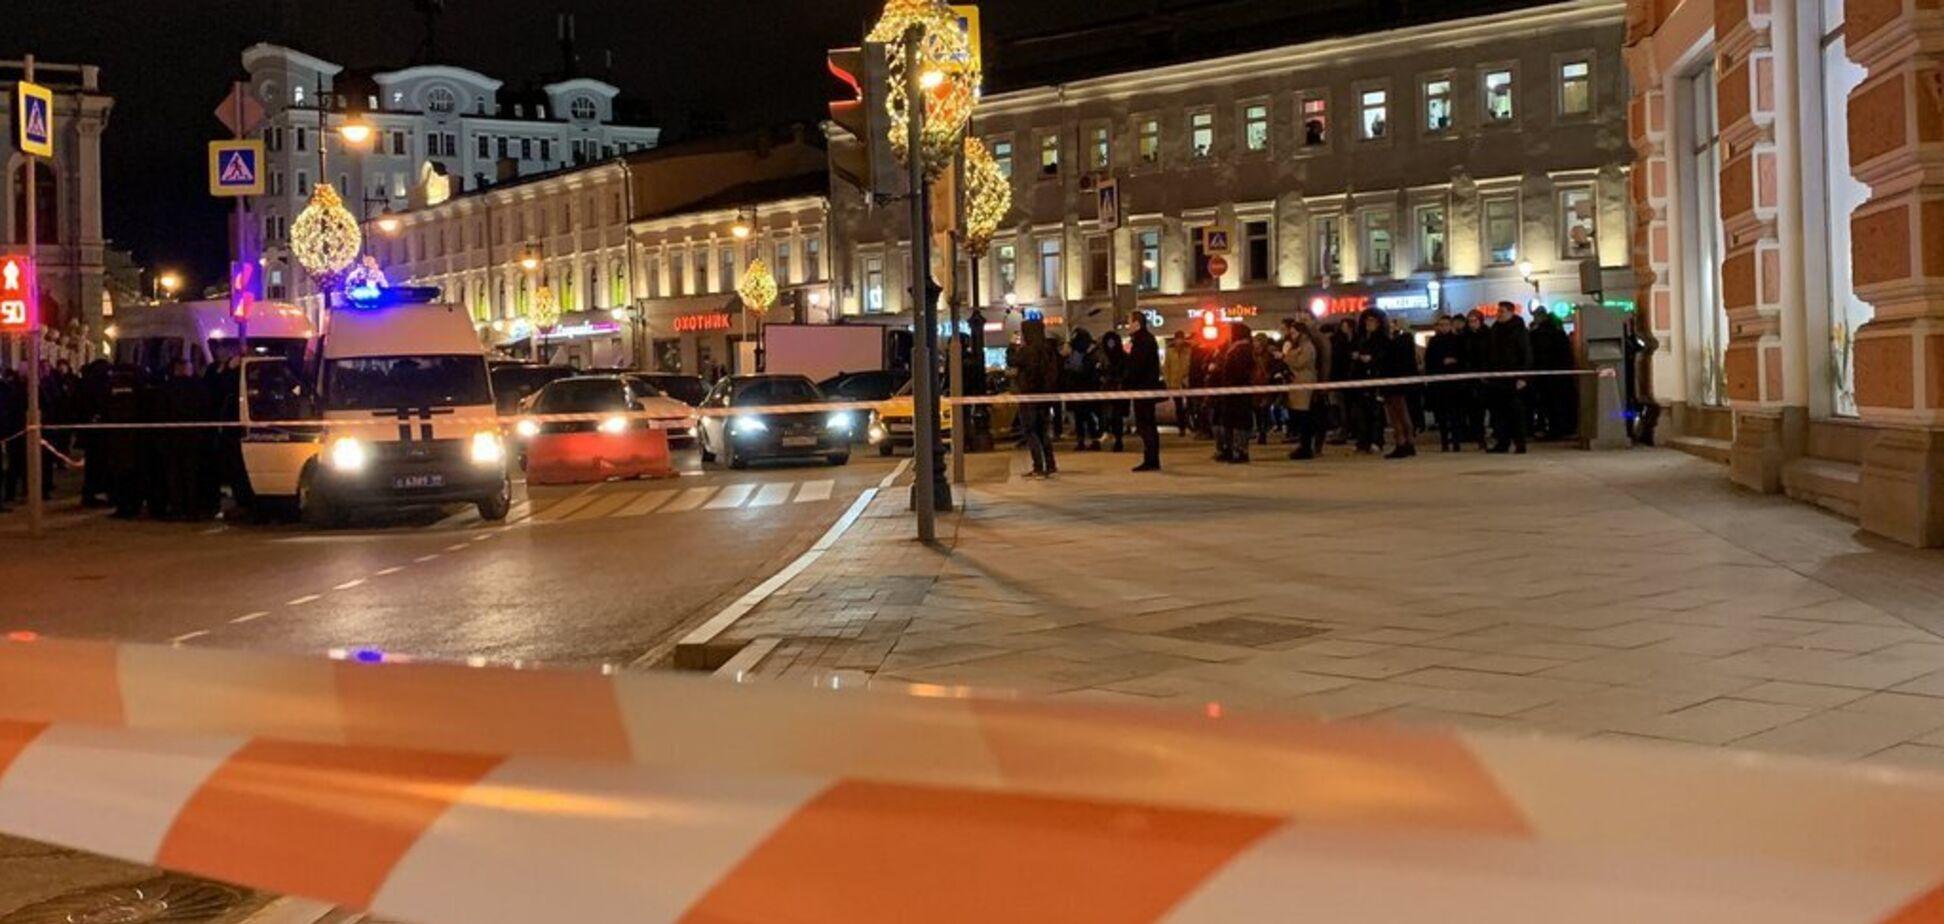 'Всемогущие проср*ли теракт в штаб-квартире': в сети бурно отреагировали на стрельбу в центре Москвы